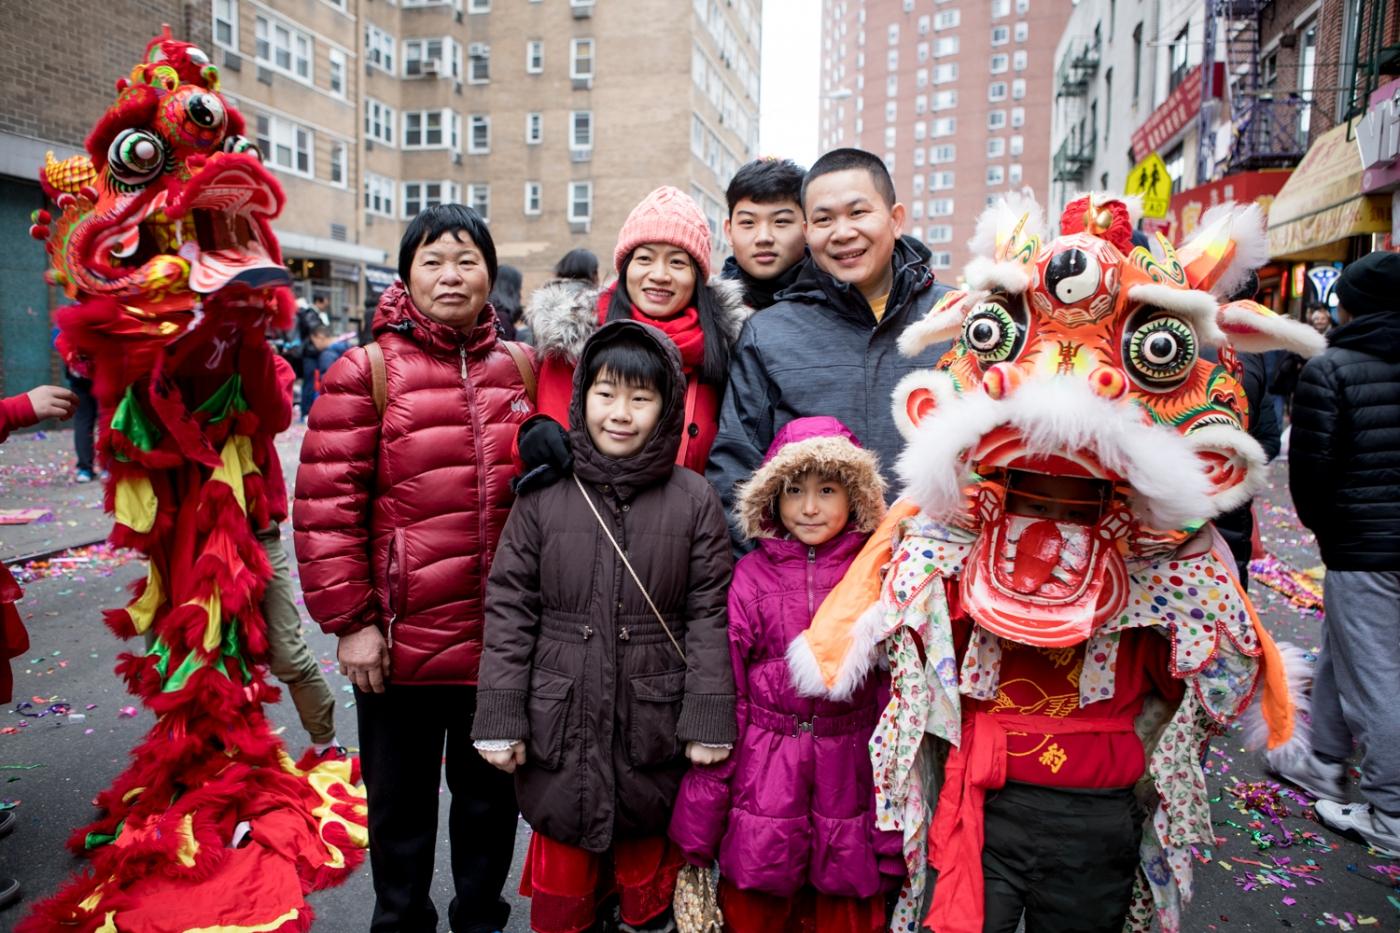 美國春節好熱鬧    ----紐約曼哈頓唐人街大年初一 20170128_图1-47